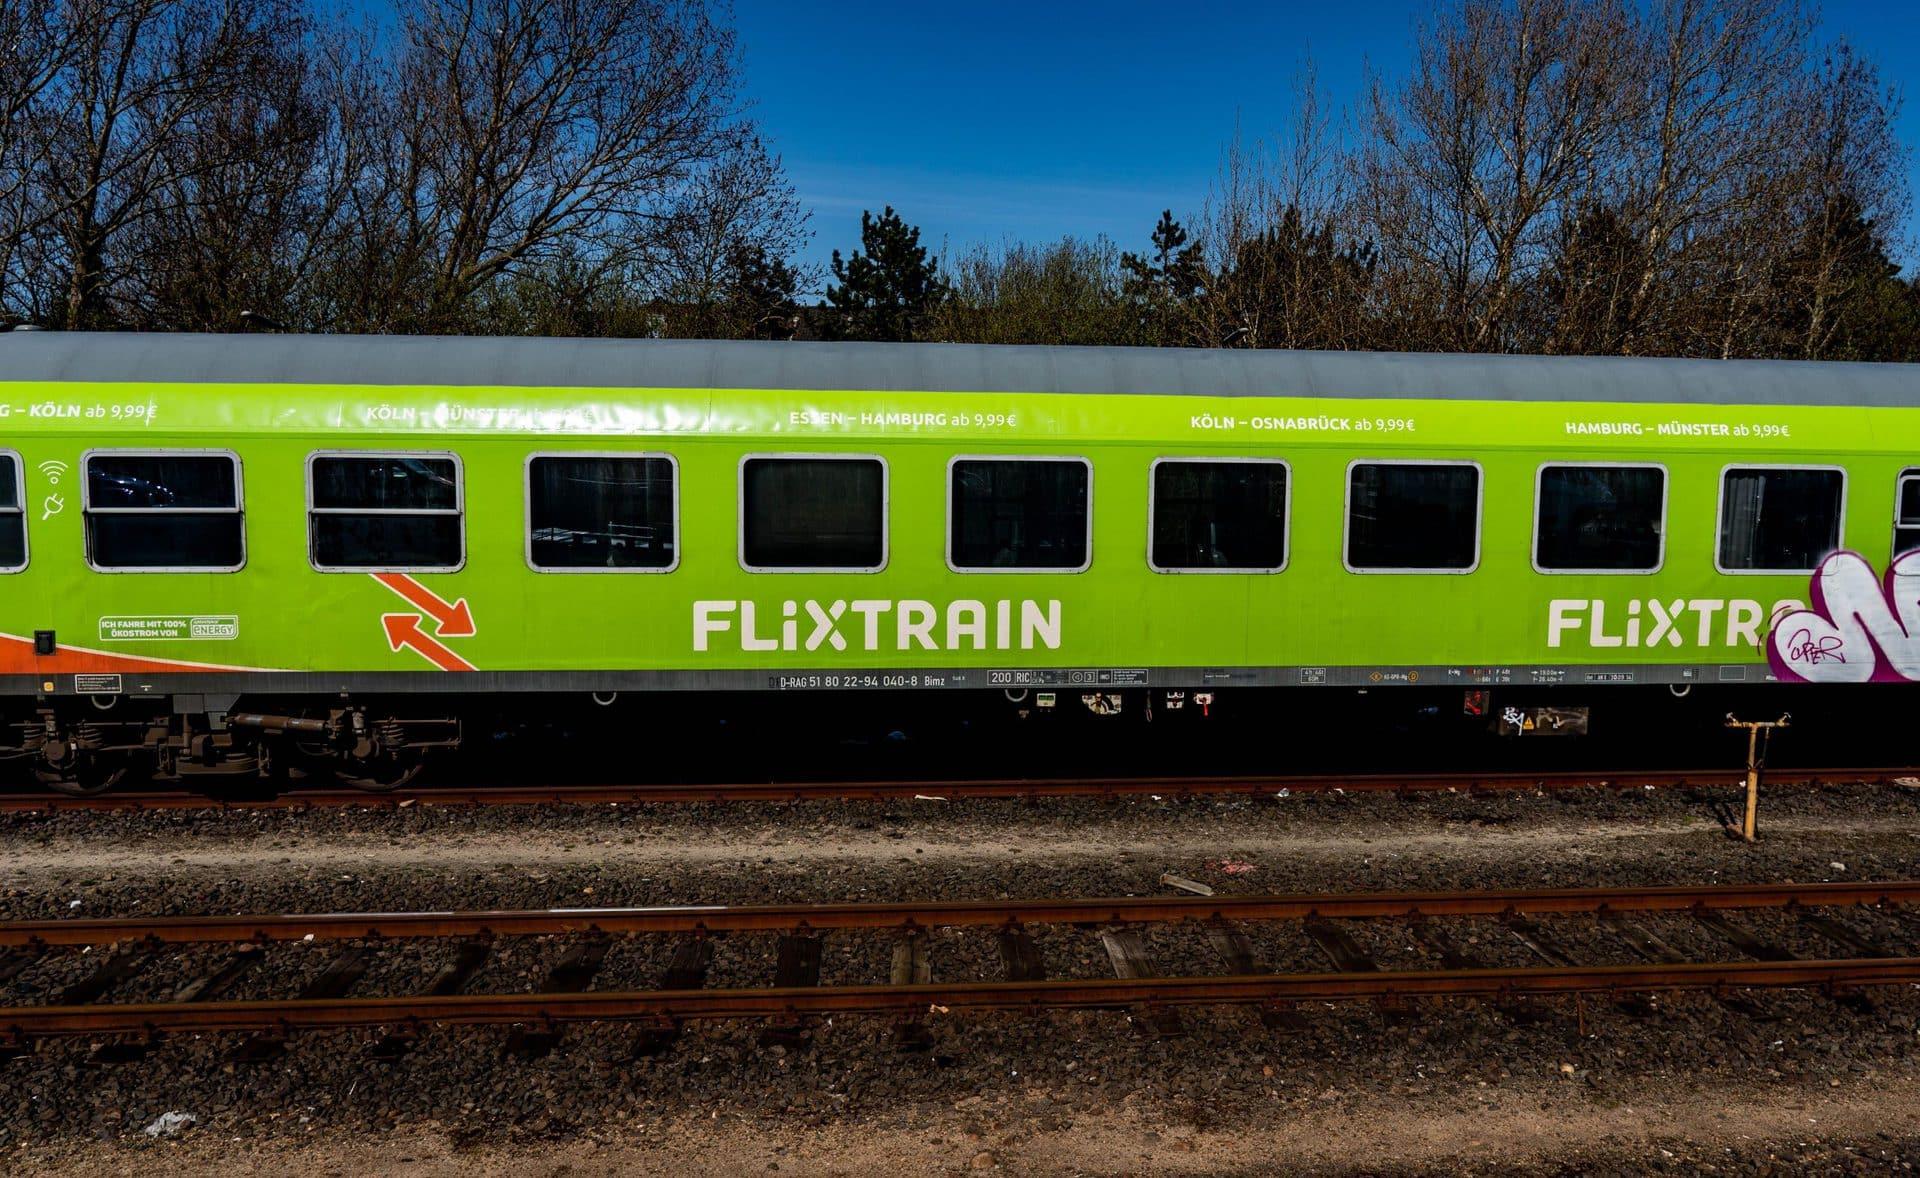 Flixtrain startet nach sechs Monaten Stillstand Bahn-Konkurrent